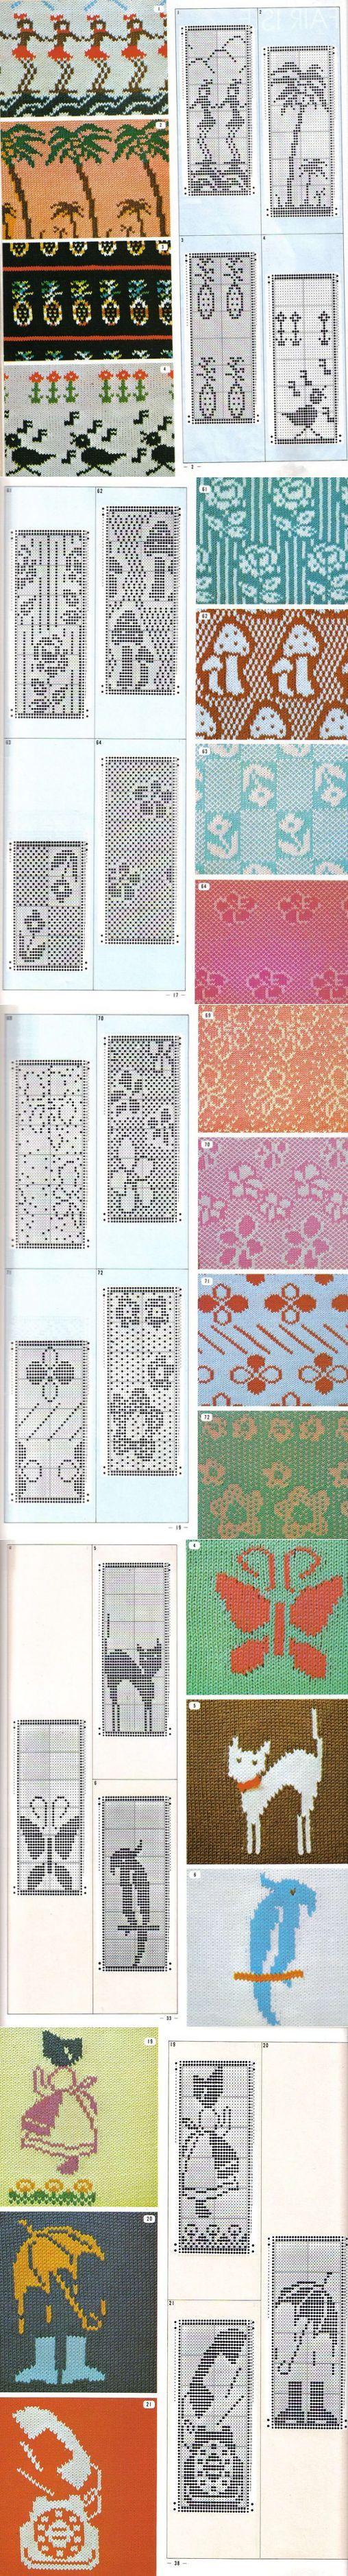 Книга :Pattern Library for Punch Card Knitters №1 1973.ЧАСТЬ 1. | вязание(жаккард,вышивка) | Постила